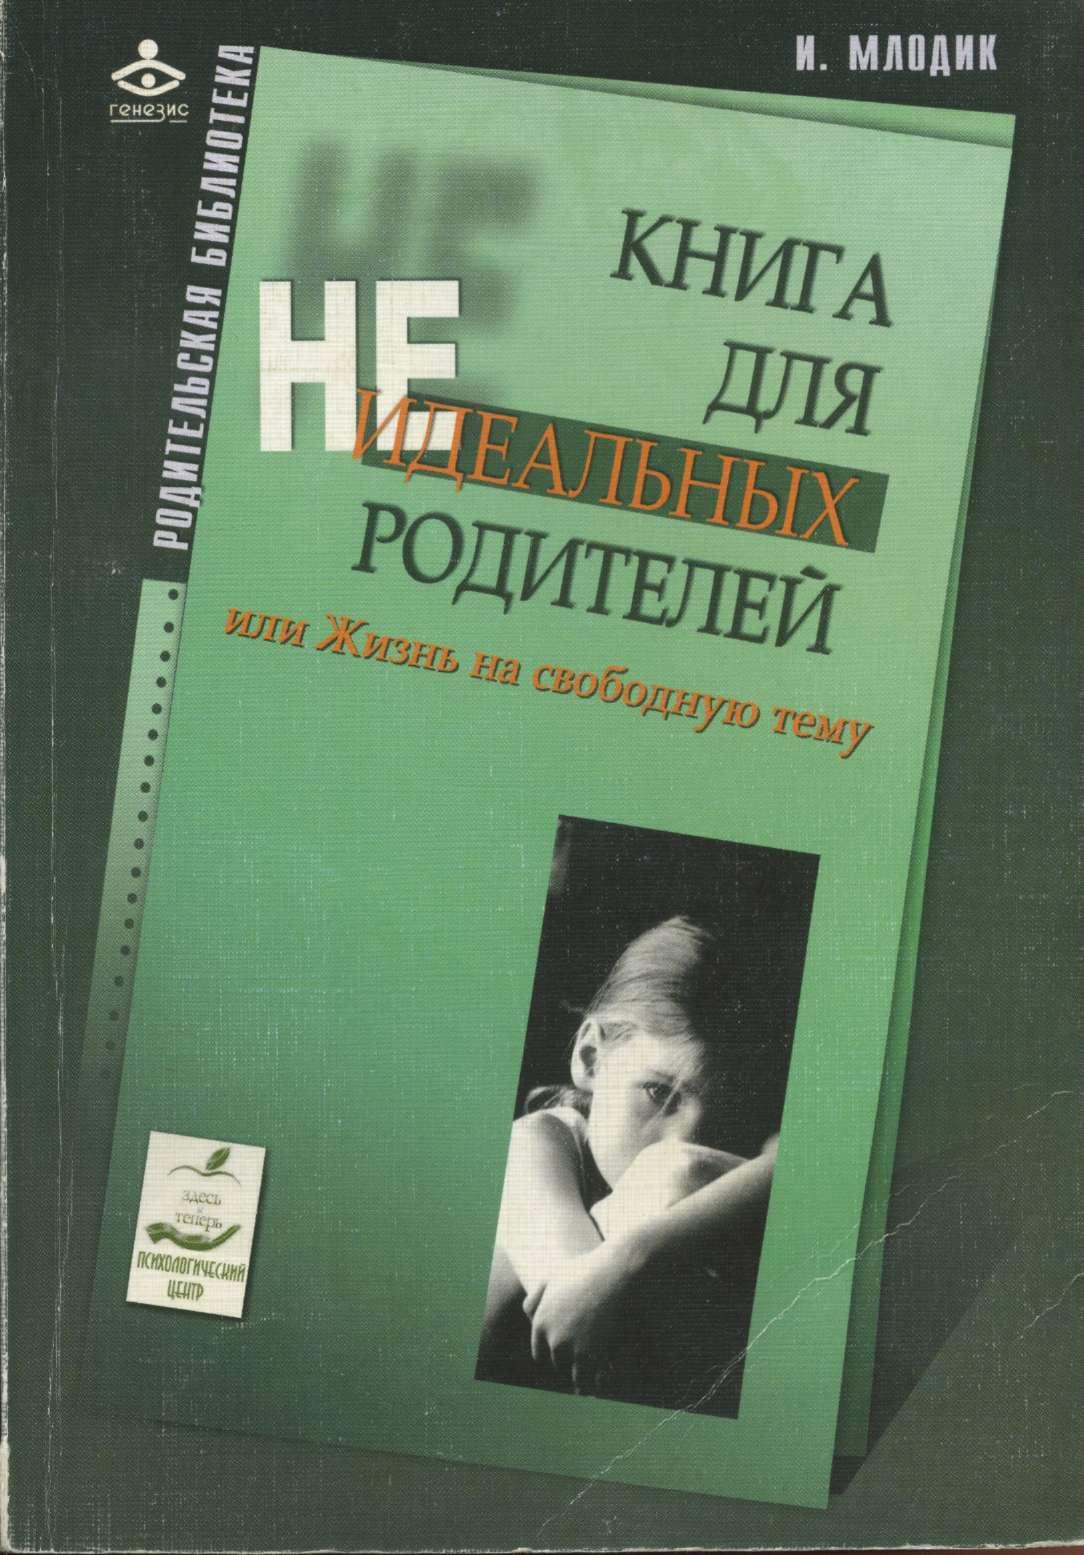 """Обложка книги """"Книга для неидеальных родителей, или Жизнь на свободную тему"""""""